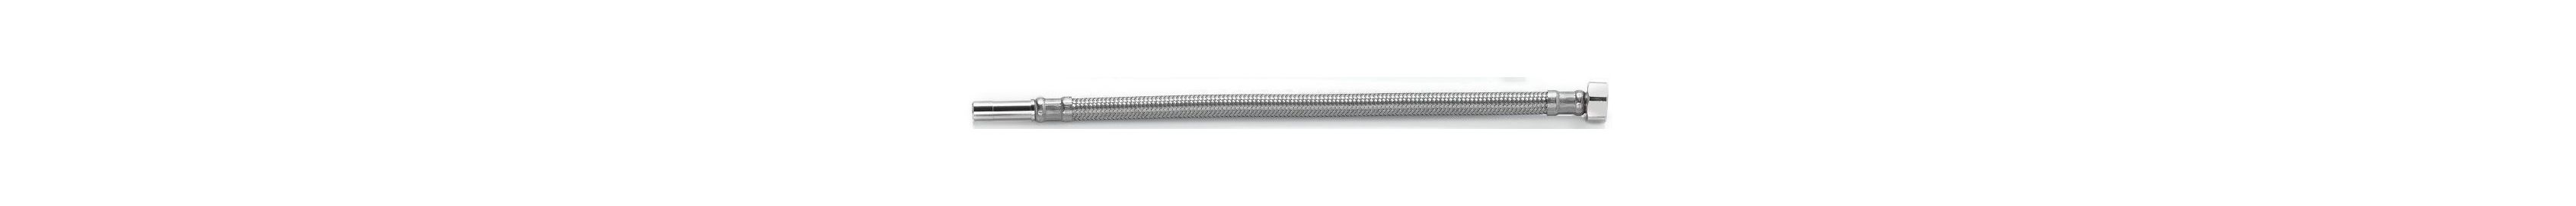 Шланг для смесителя TUCAI TAQ GRIF H1/2-M10-L37 1,2 м с длинным штуцером